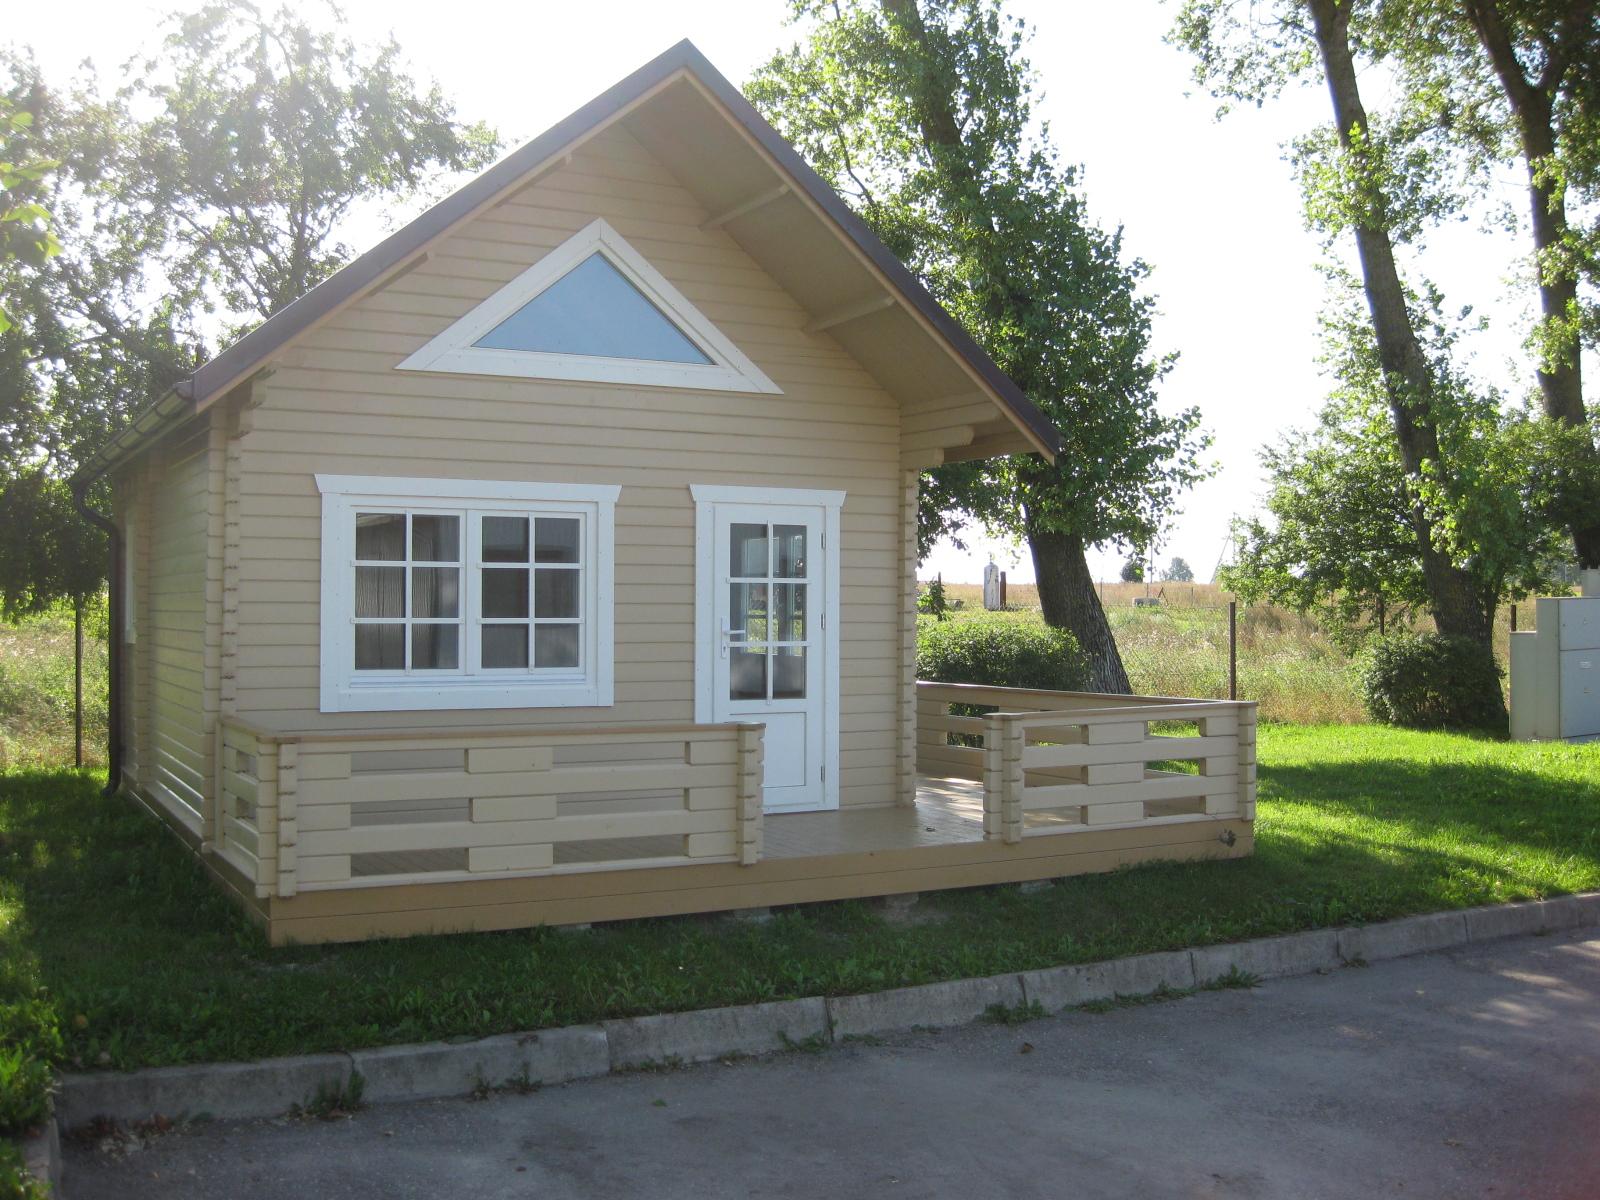 devis chalet habitable avec mezzanine construction prix. Black Bedroom Furniture Sets. Home Design Ideas